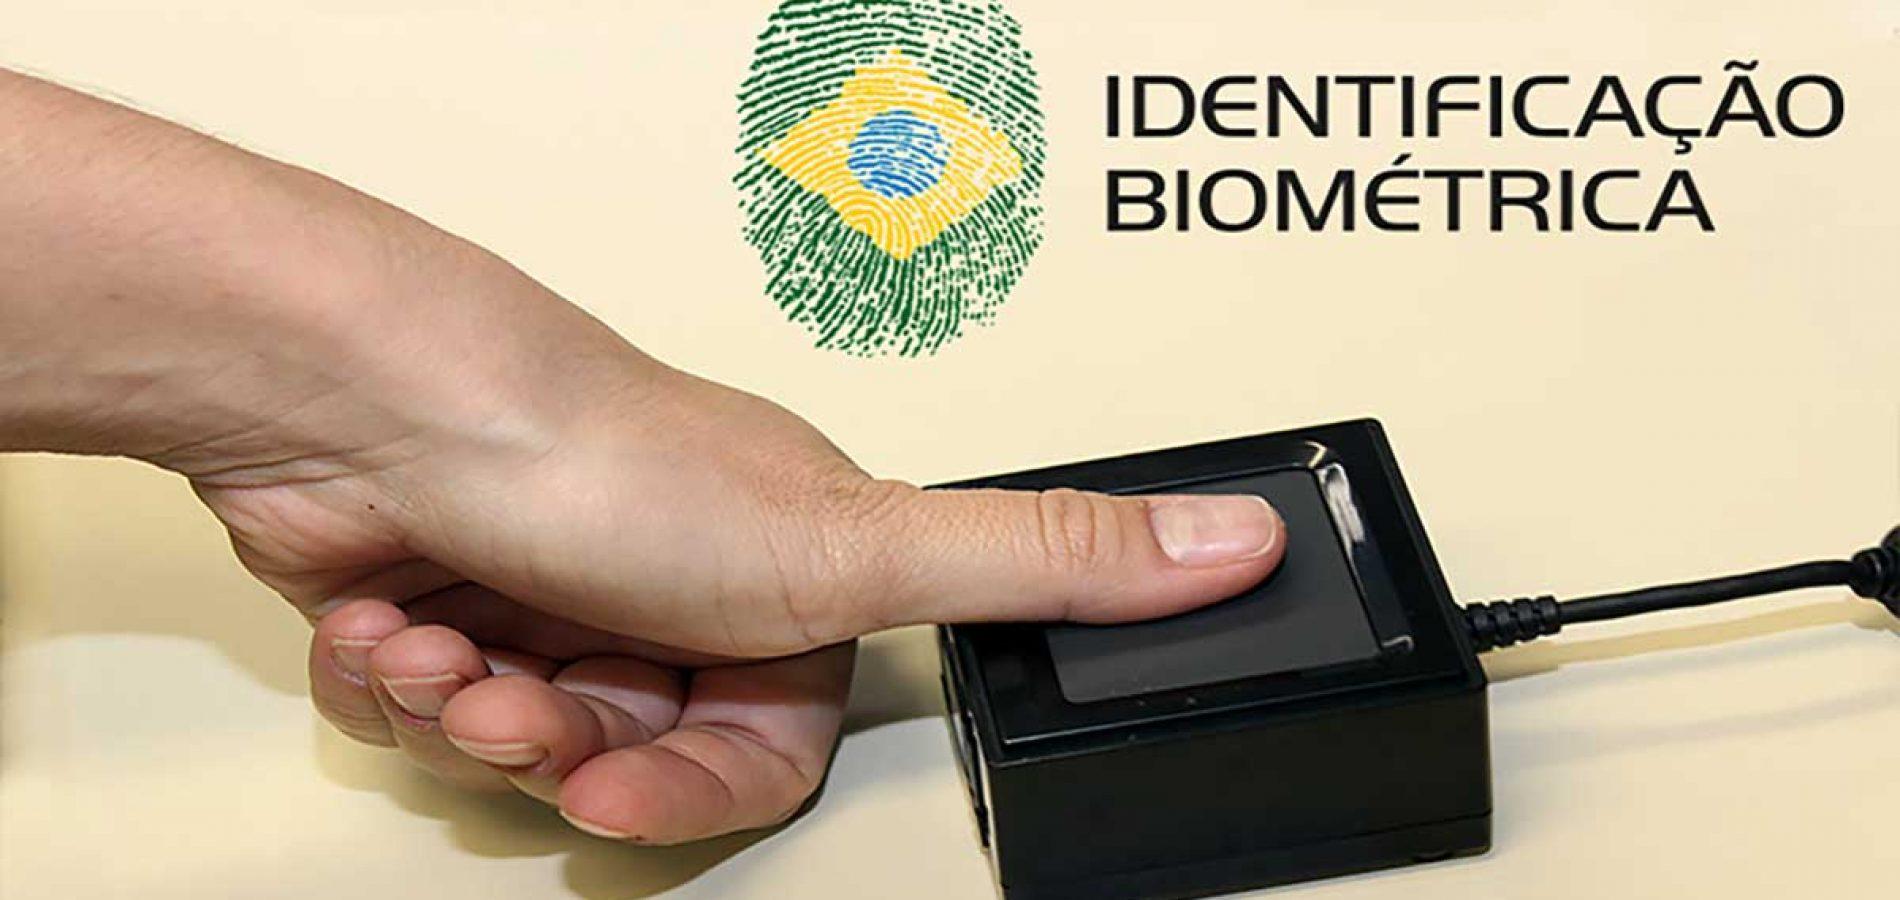 Após convênio com a Prefeitura, TRE-PI iniciará Recadastramento Biométrico nesta segunda (27) em Vila Nova do Piauí